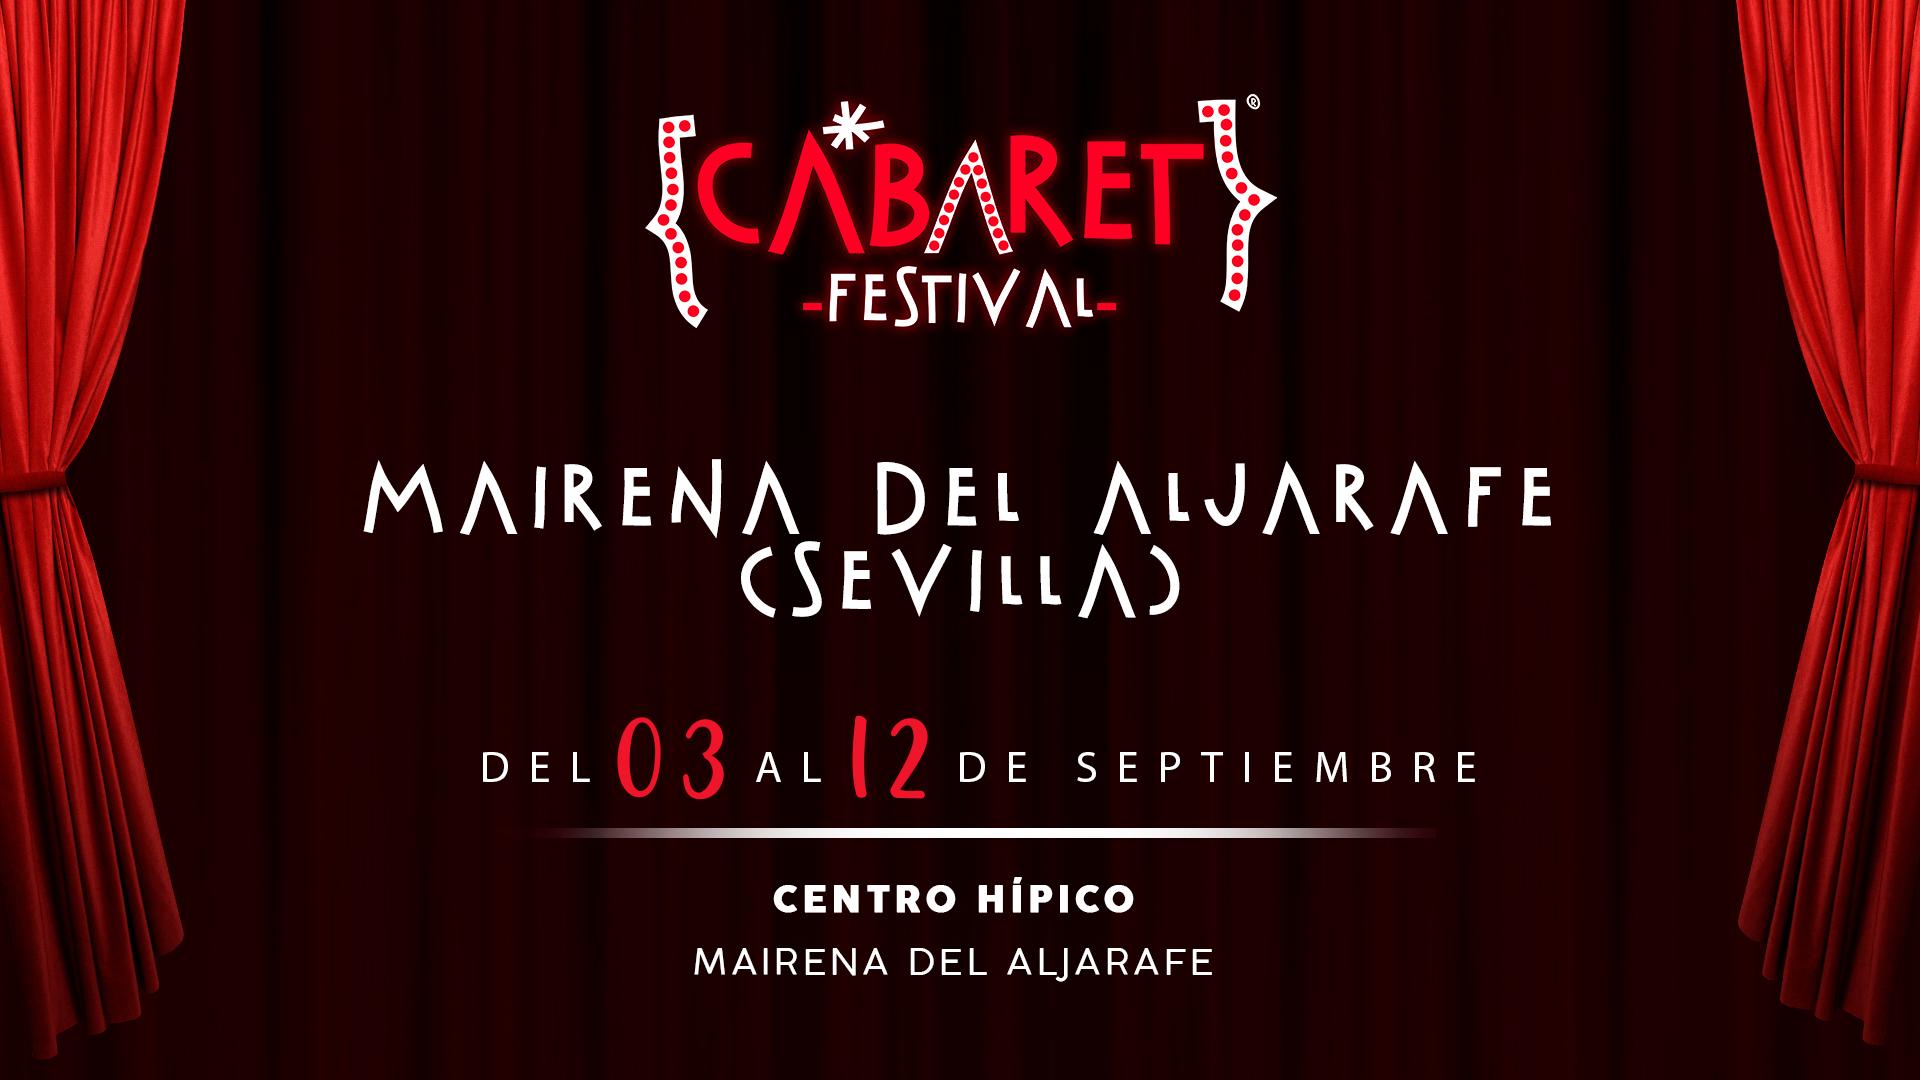 Ciudades – Cabaret Festival